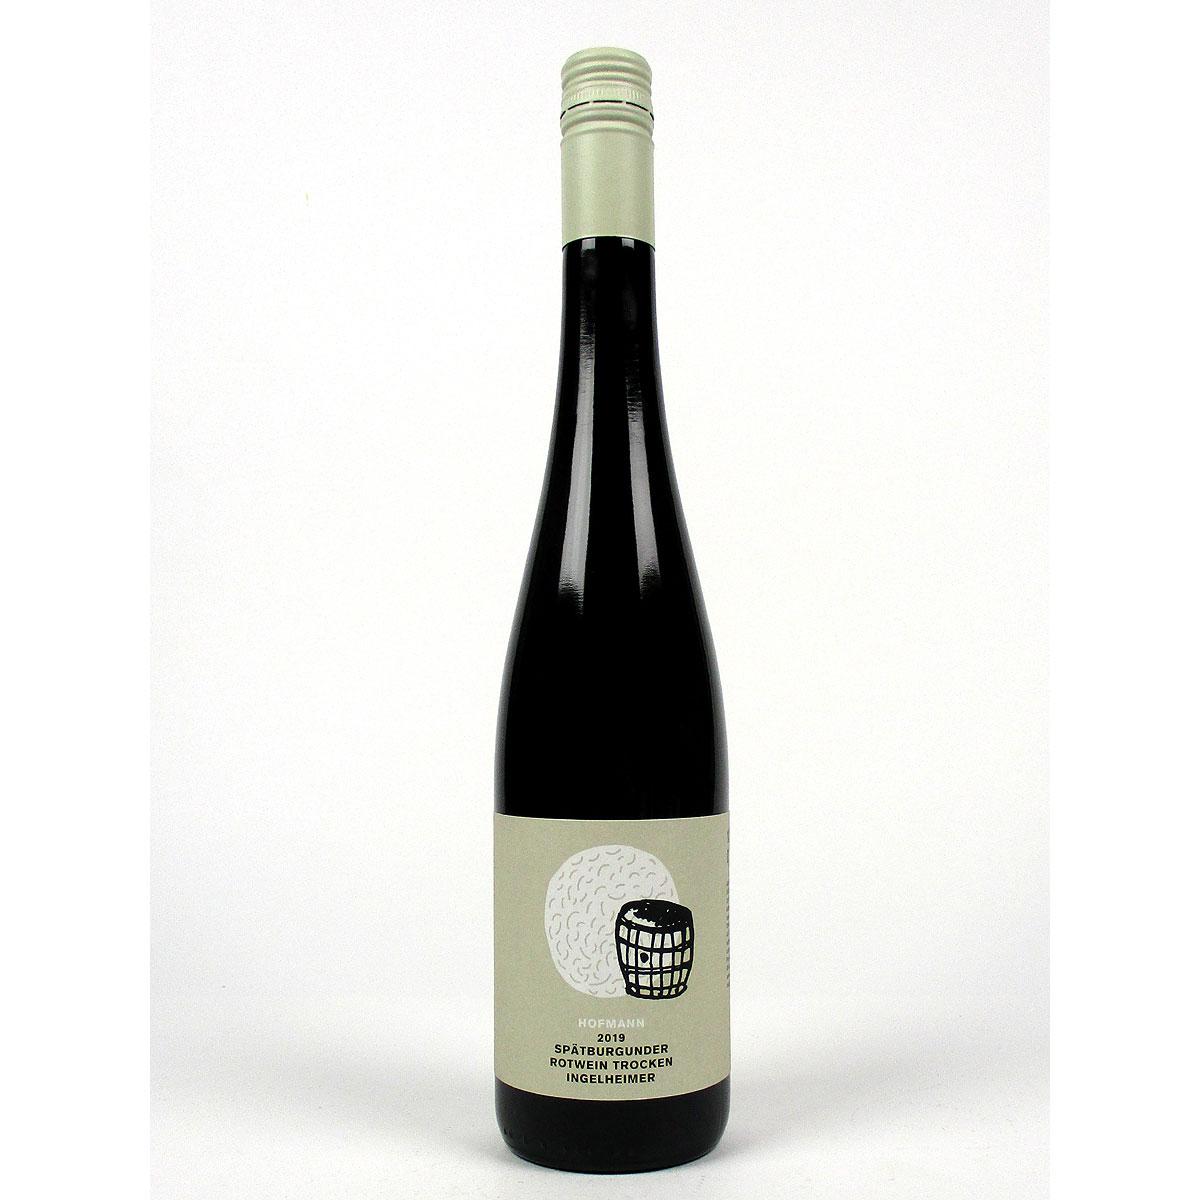 Rheinhessen: Jürgen Hofmann Ingelheimer Spätburgunder 2019 - Bottle